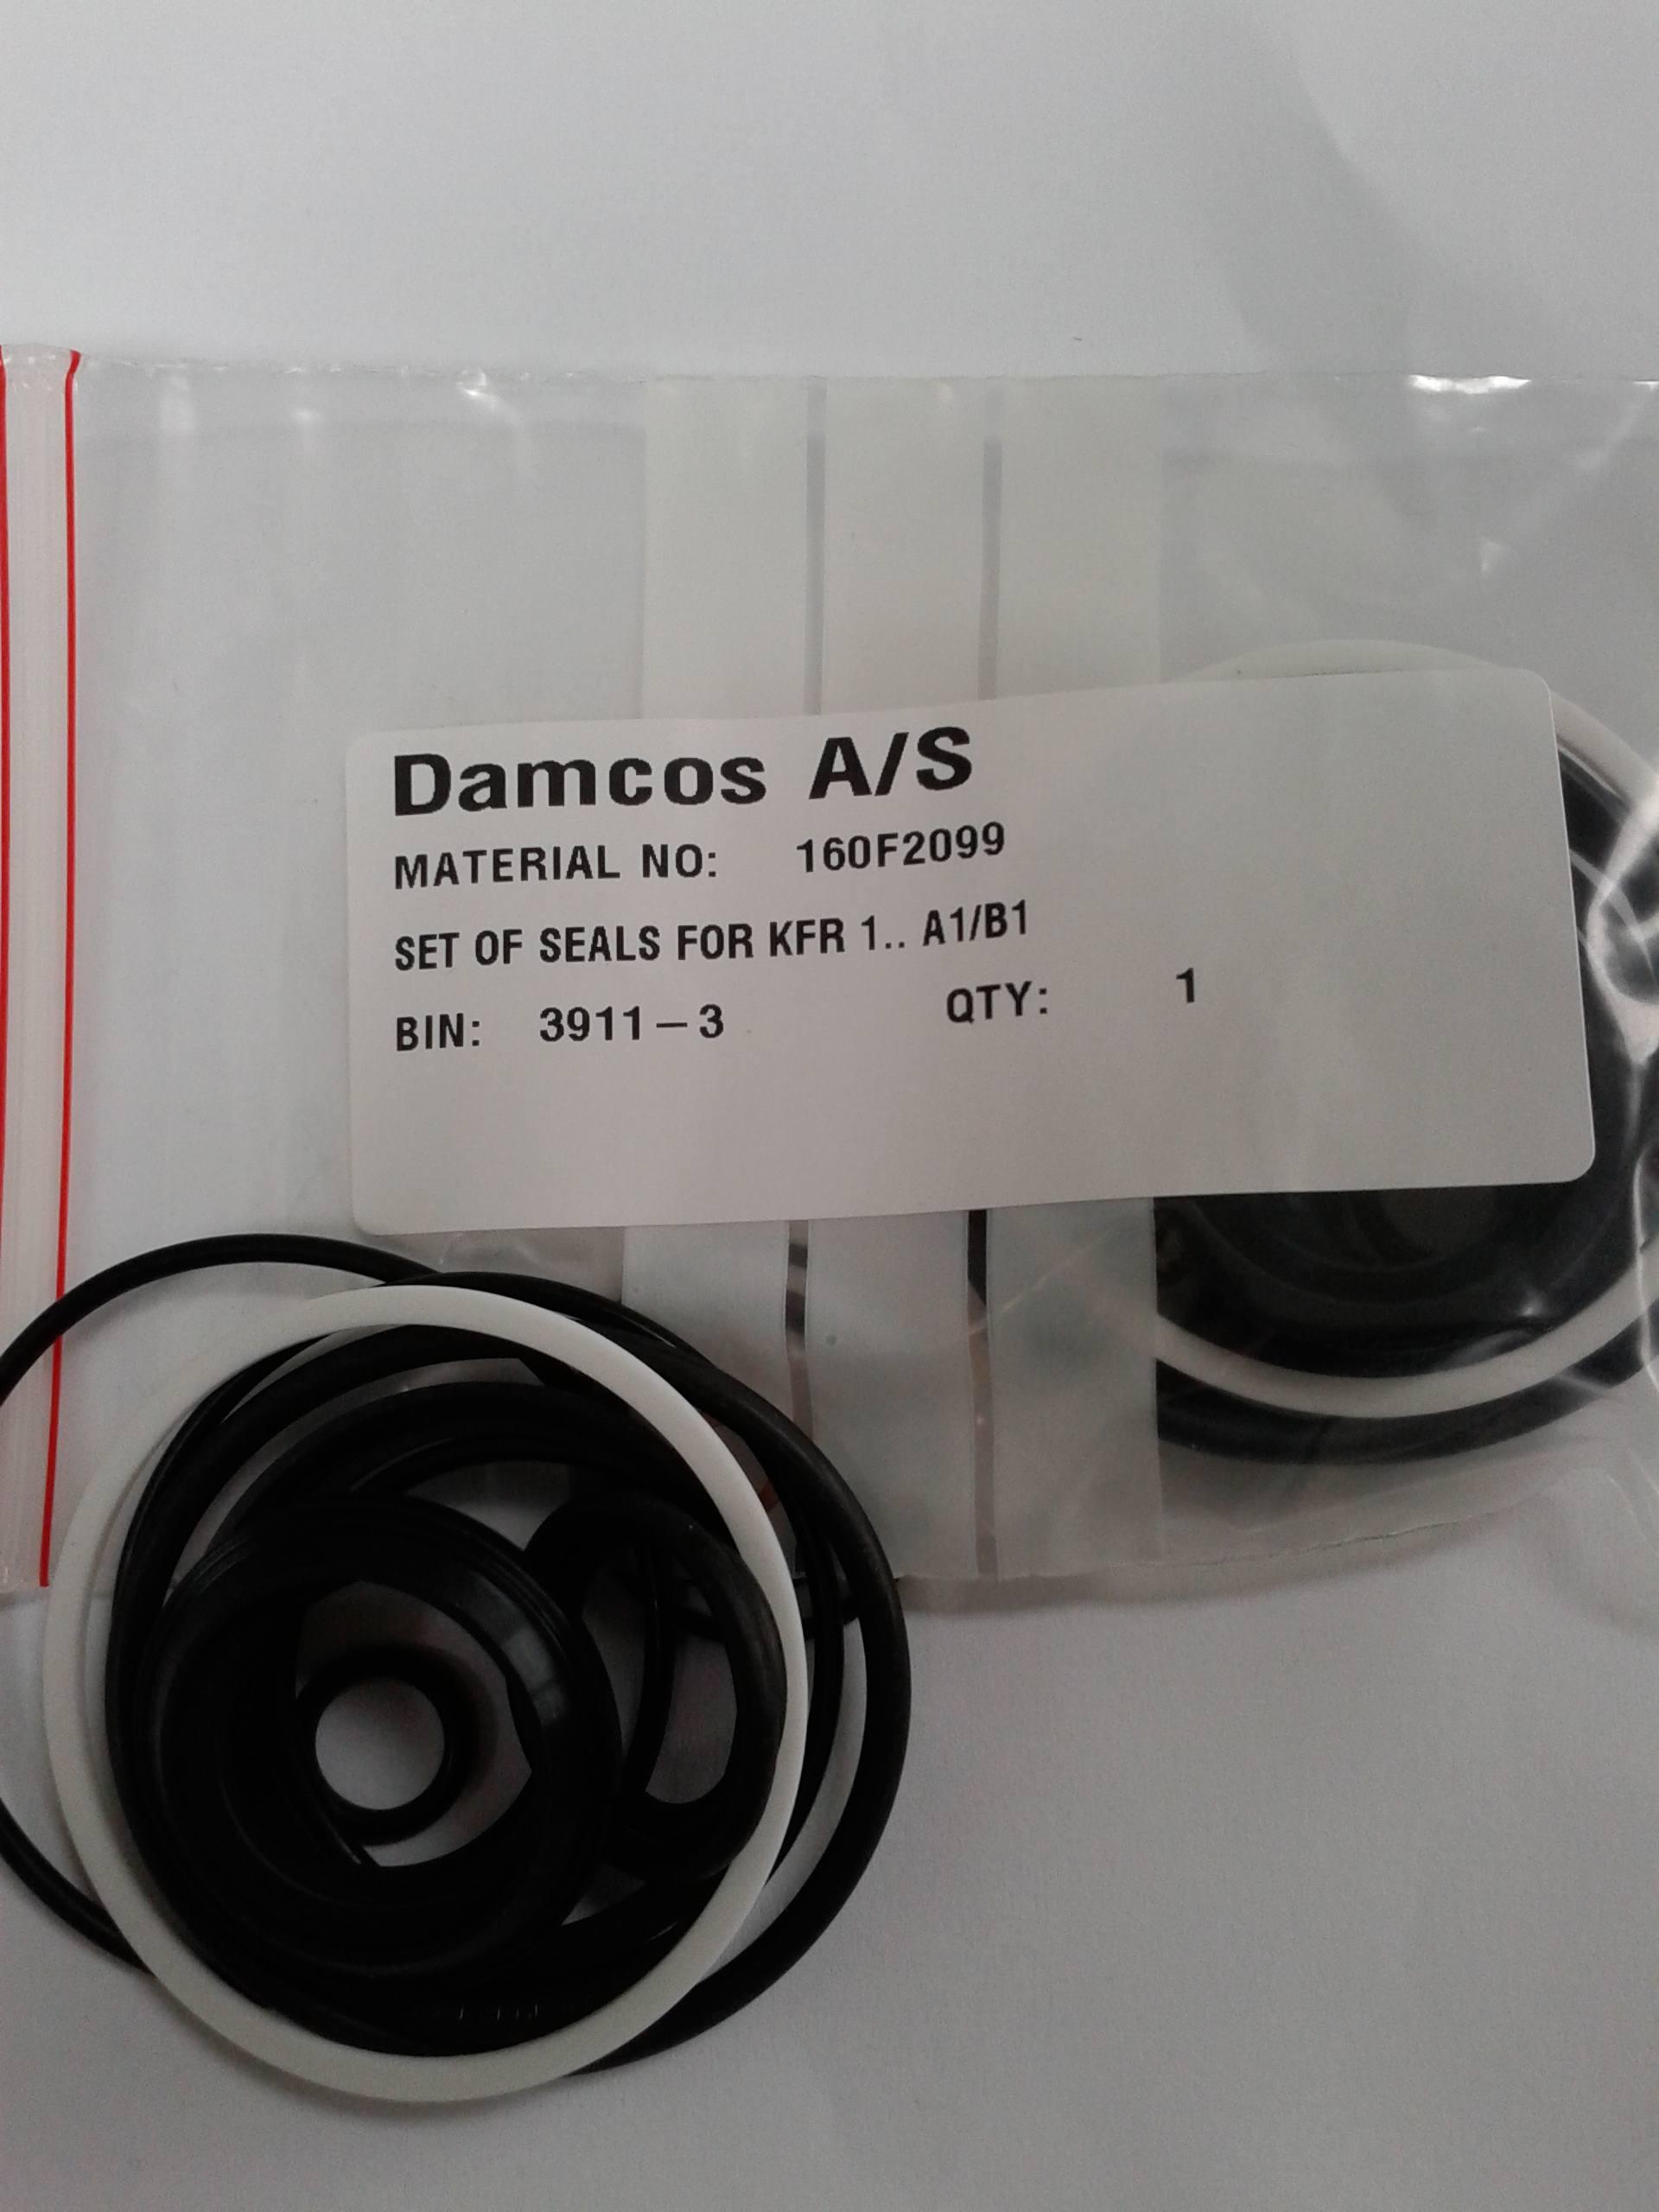 Damcos KFR 1 KIT 160F2099